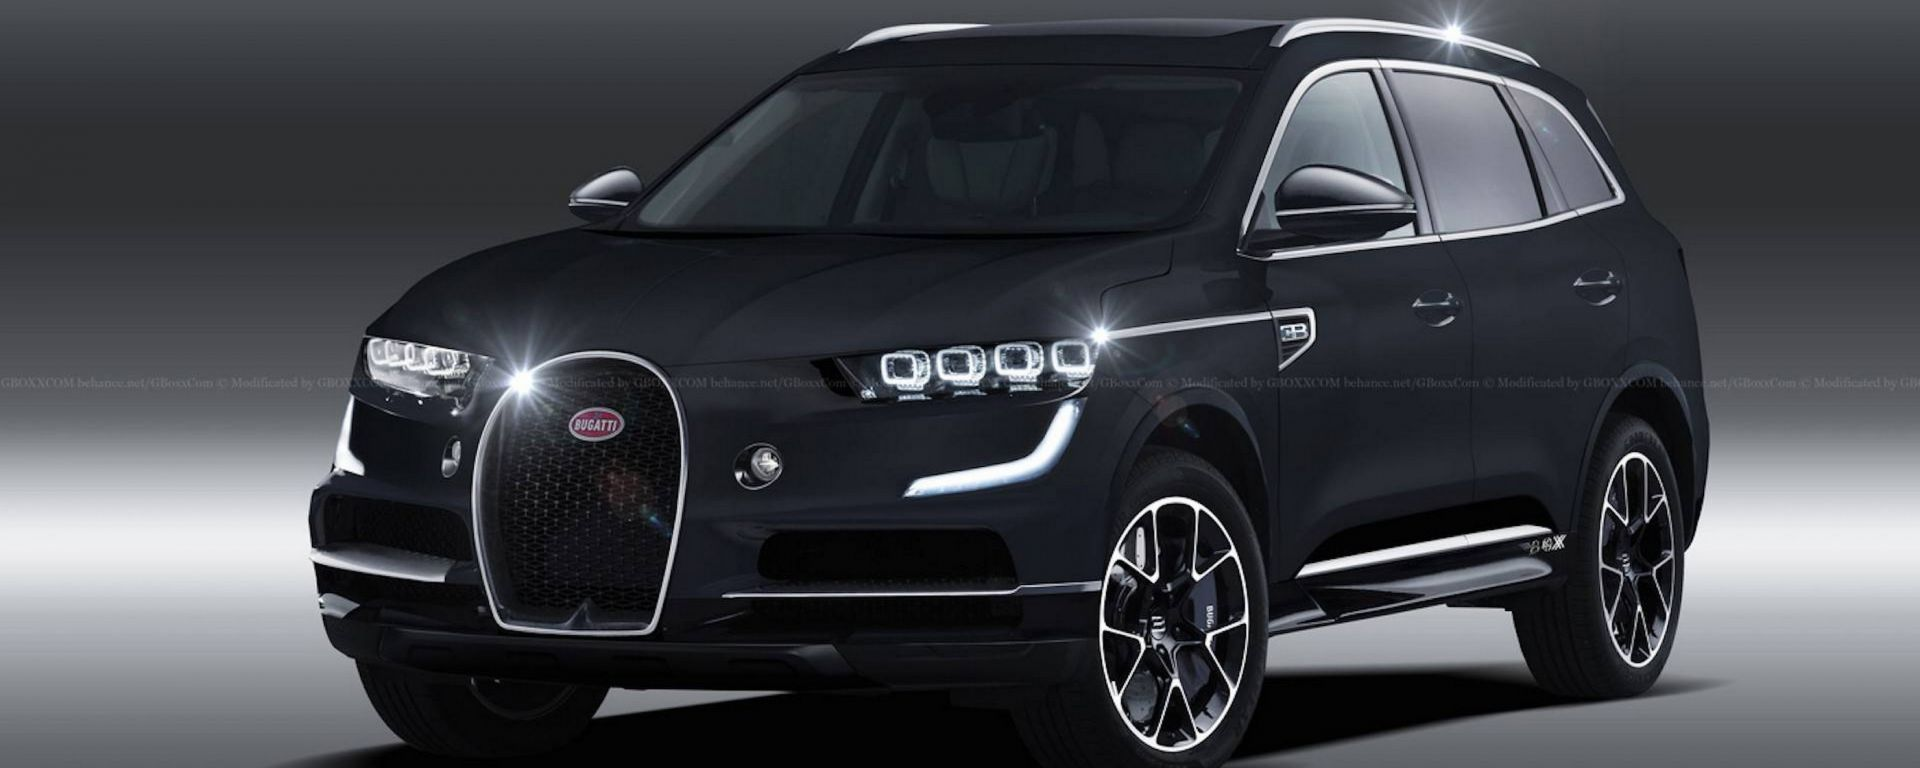 SUV Bugatti addio: niente rivale per Urus e Purosangue